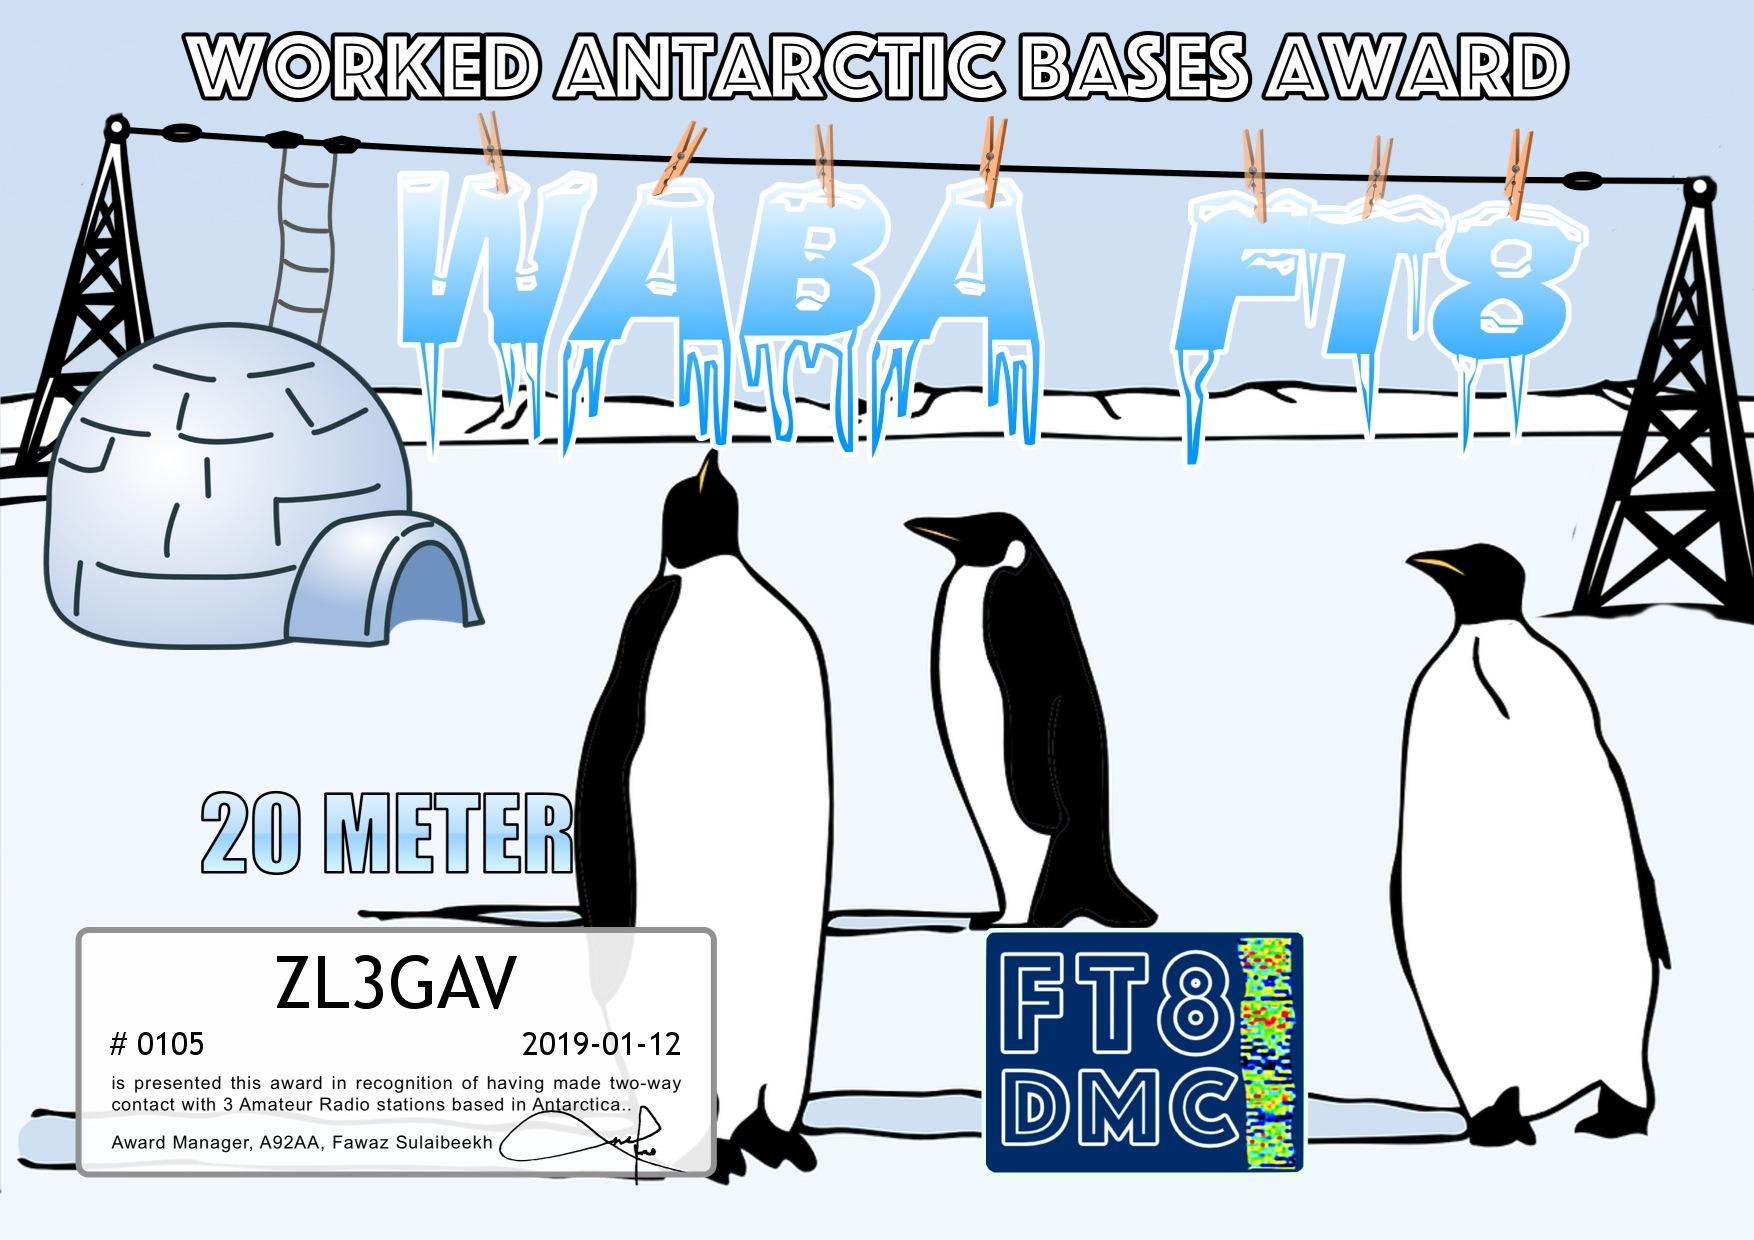 ZL3GAV-WABA-20M.jpg